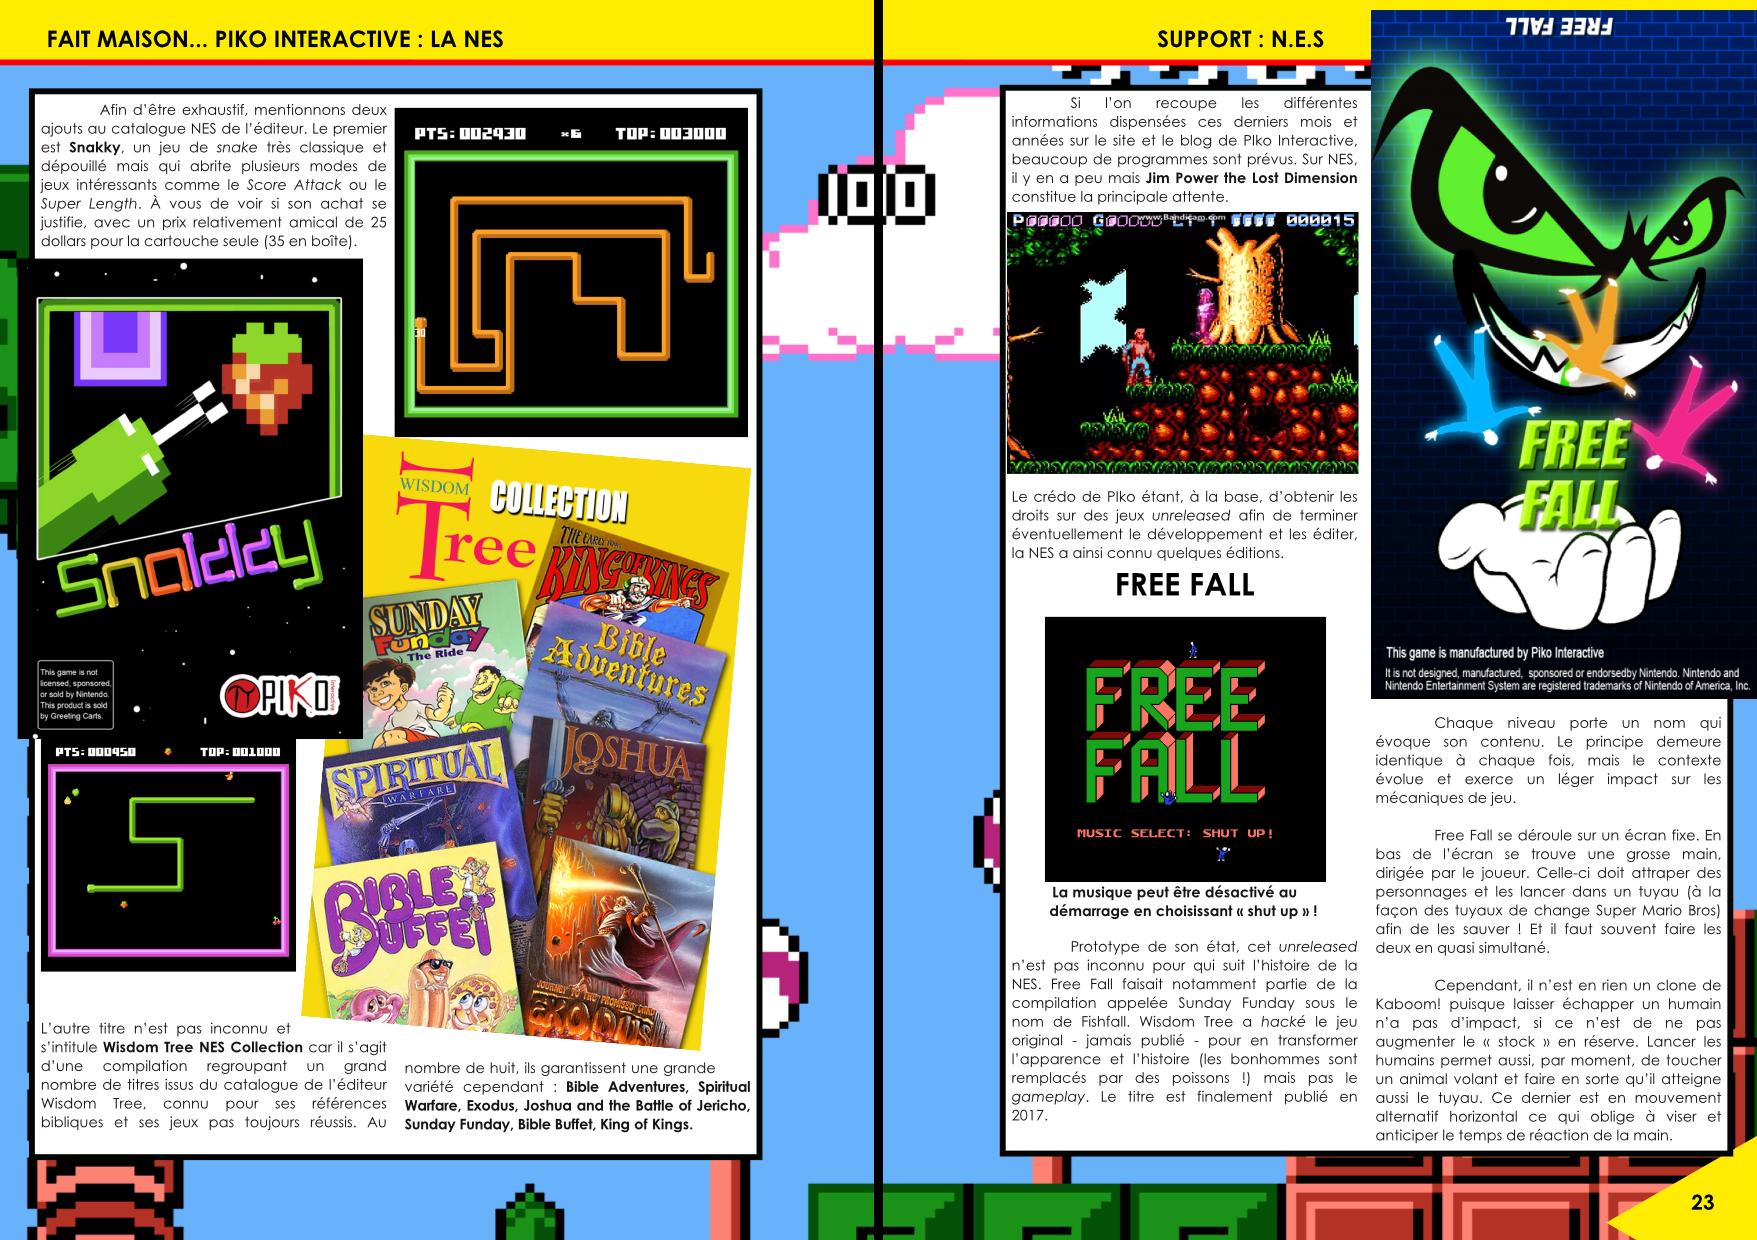 Les jeux NES édités par Piko Interactive article du magazine Côté Gamers